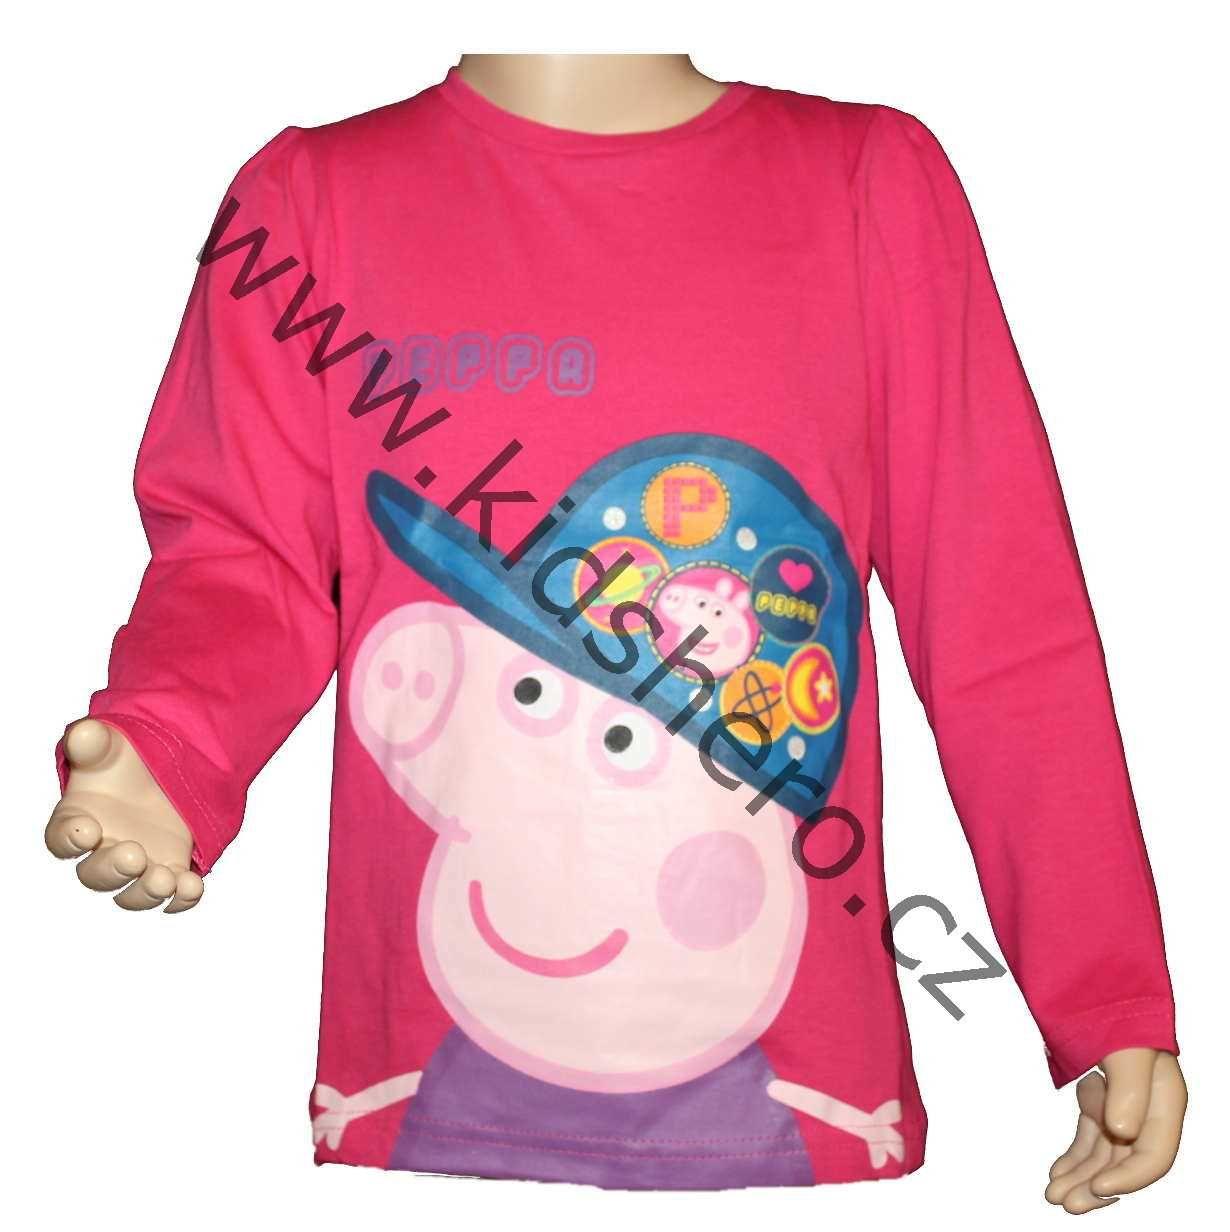 Triko dlouhý rukáv PEPPA PIG - růžové Astley Baker Davies